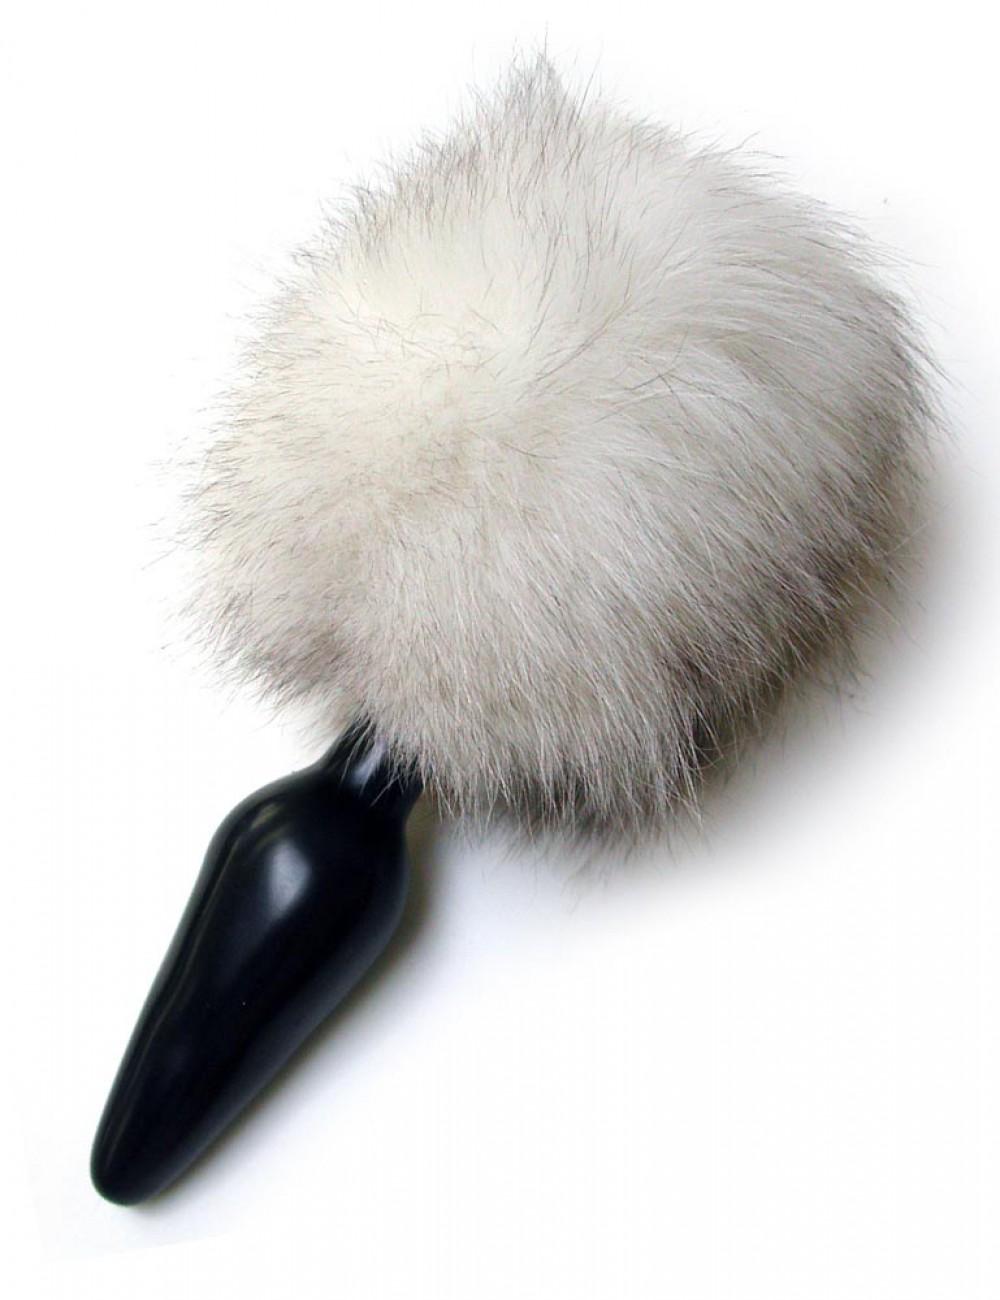 Bunny Tail Anal Plug